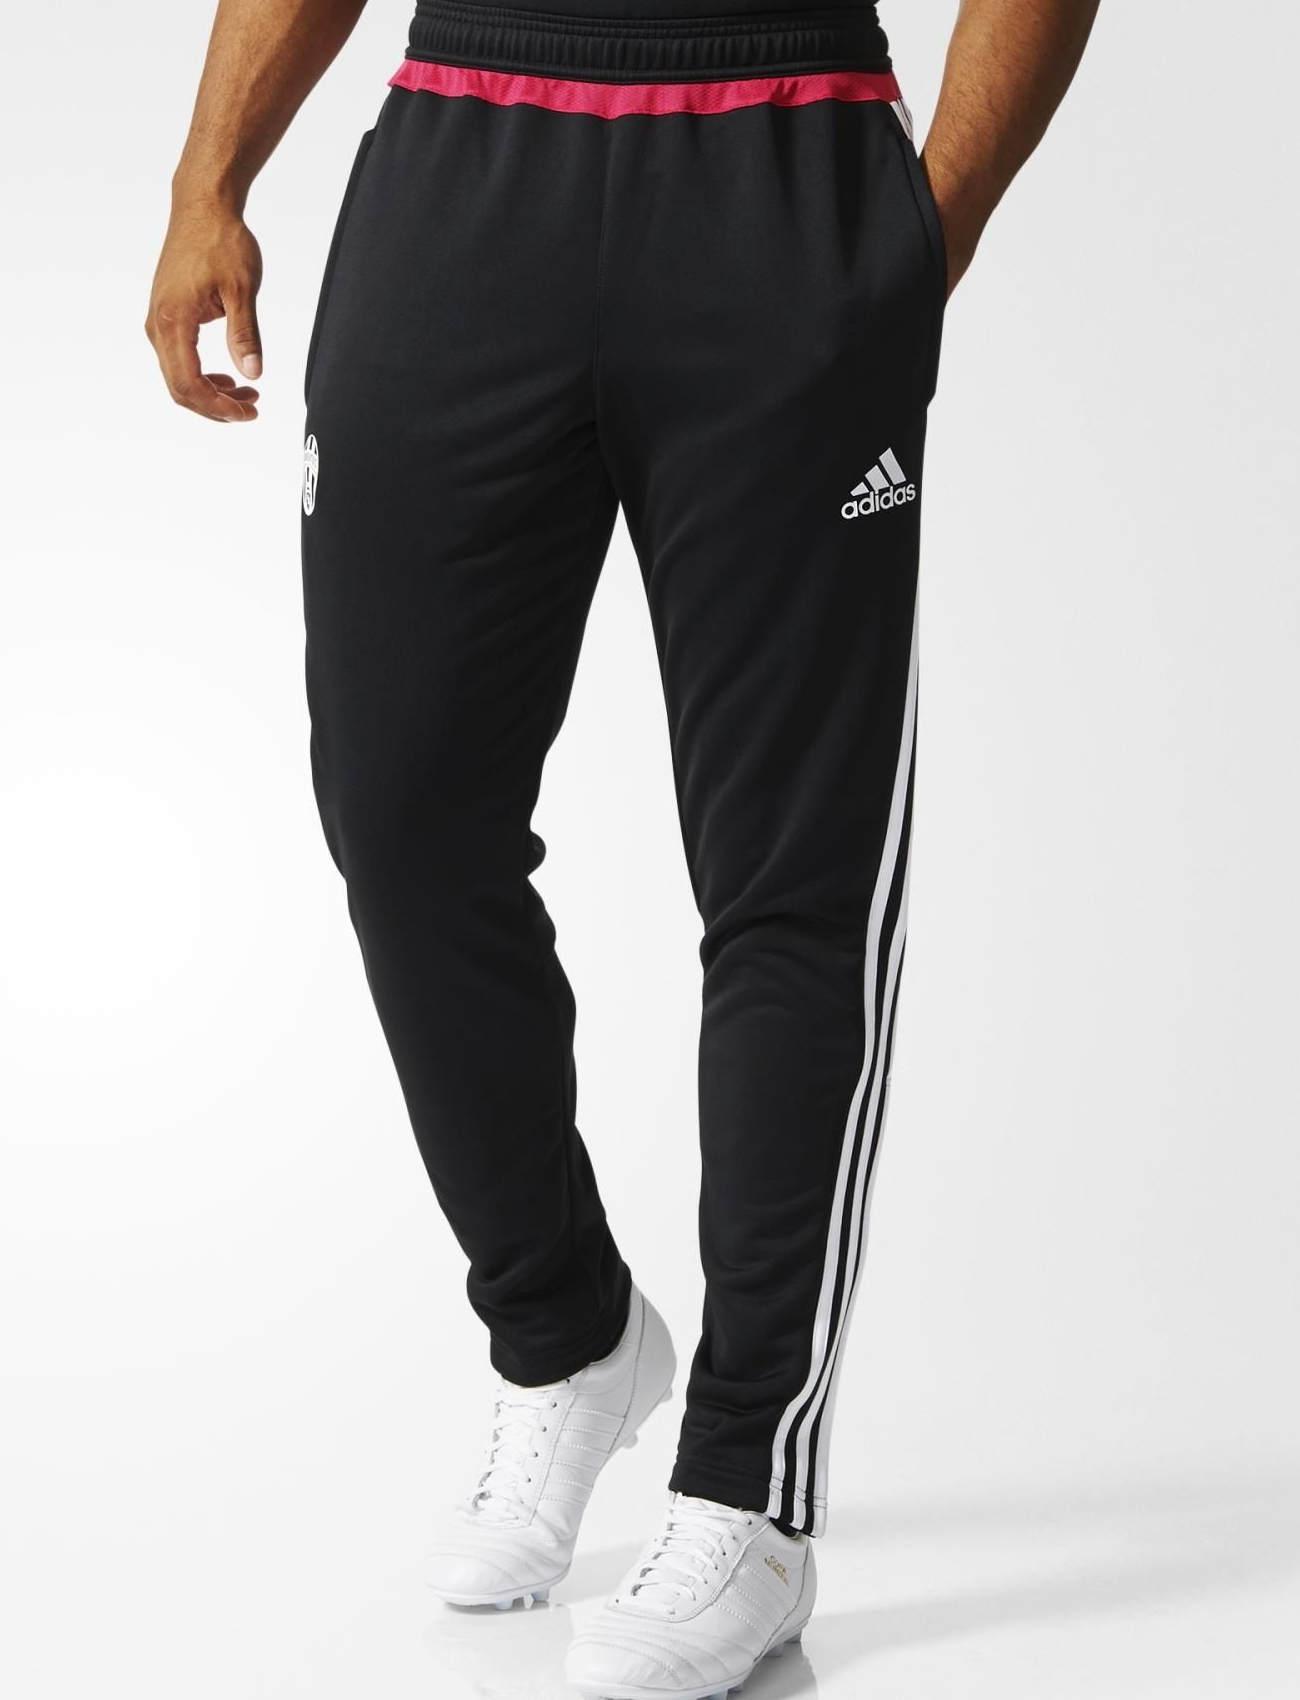 pantaloni adidas uomo